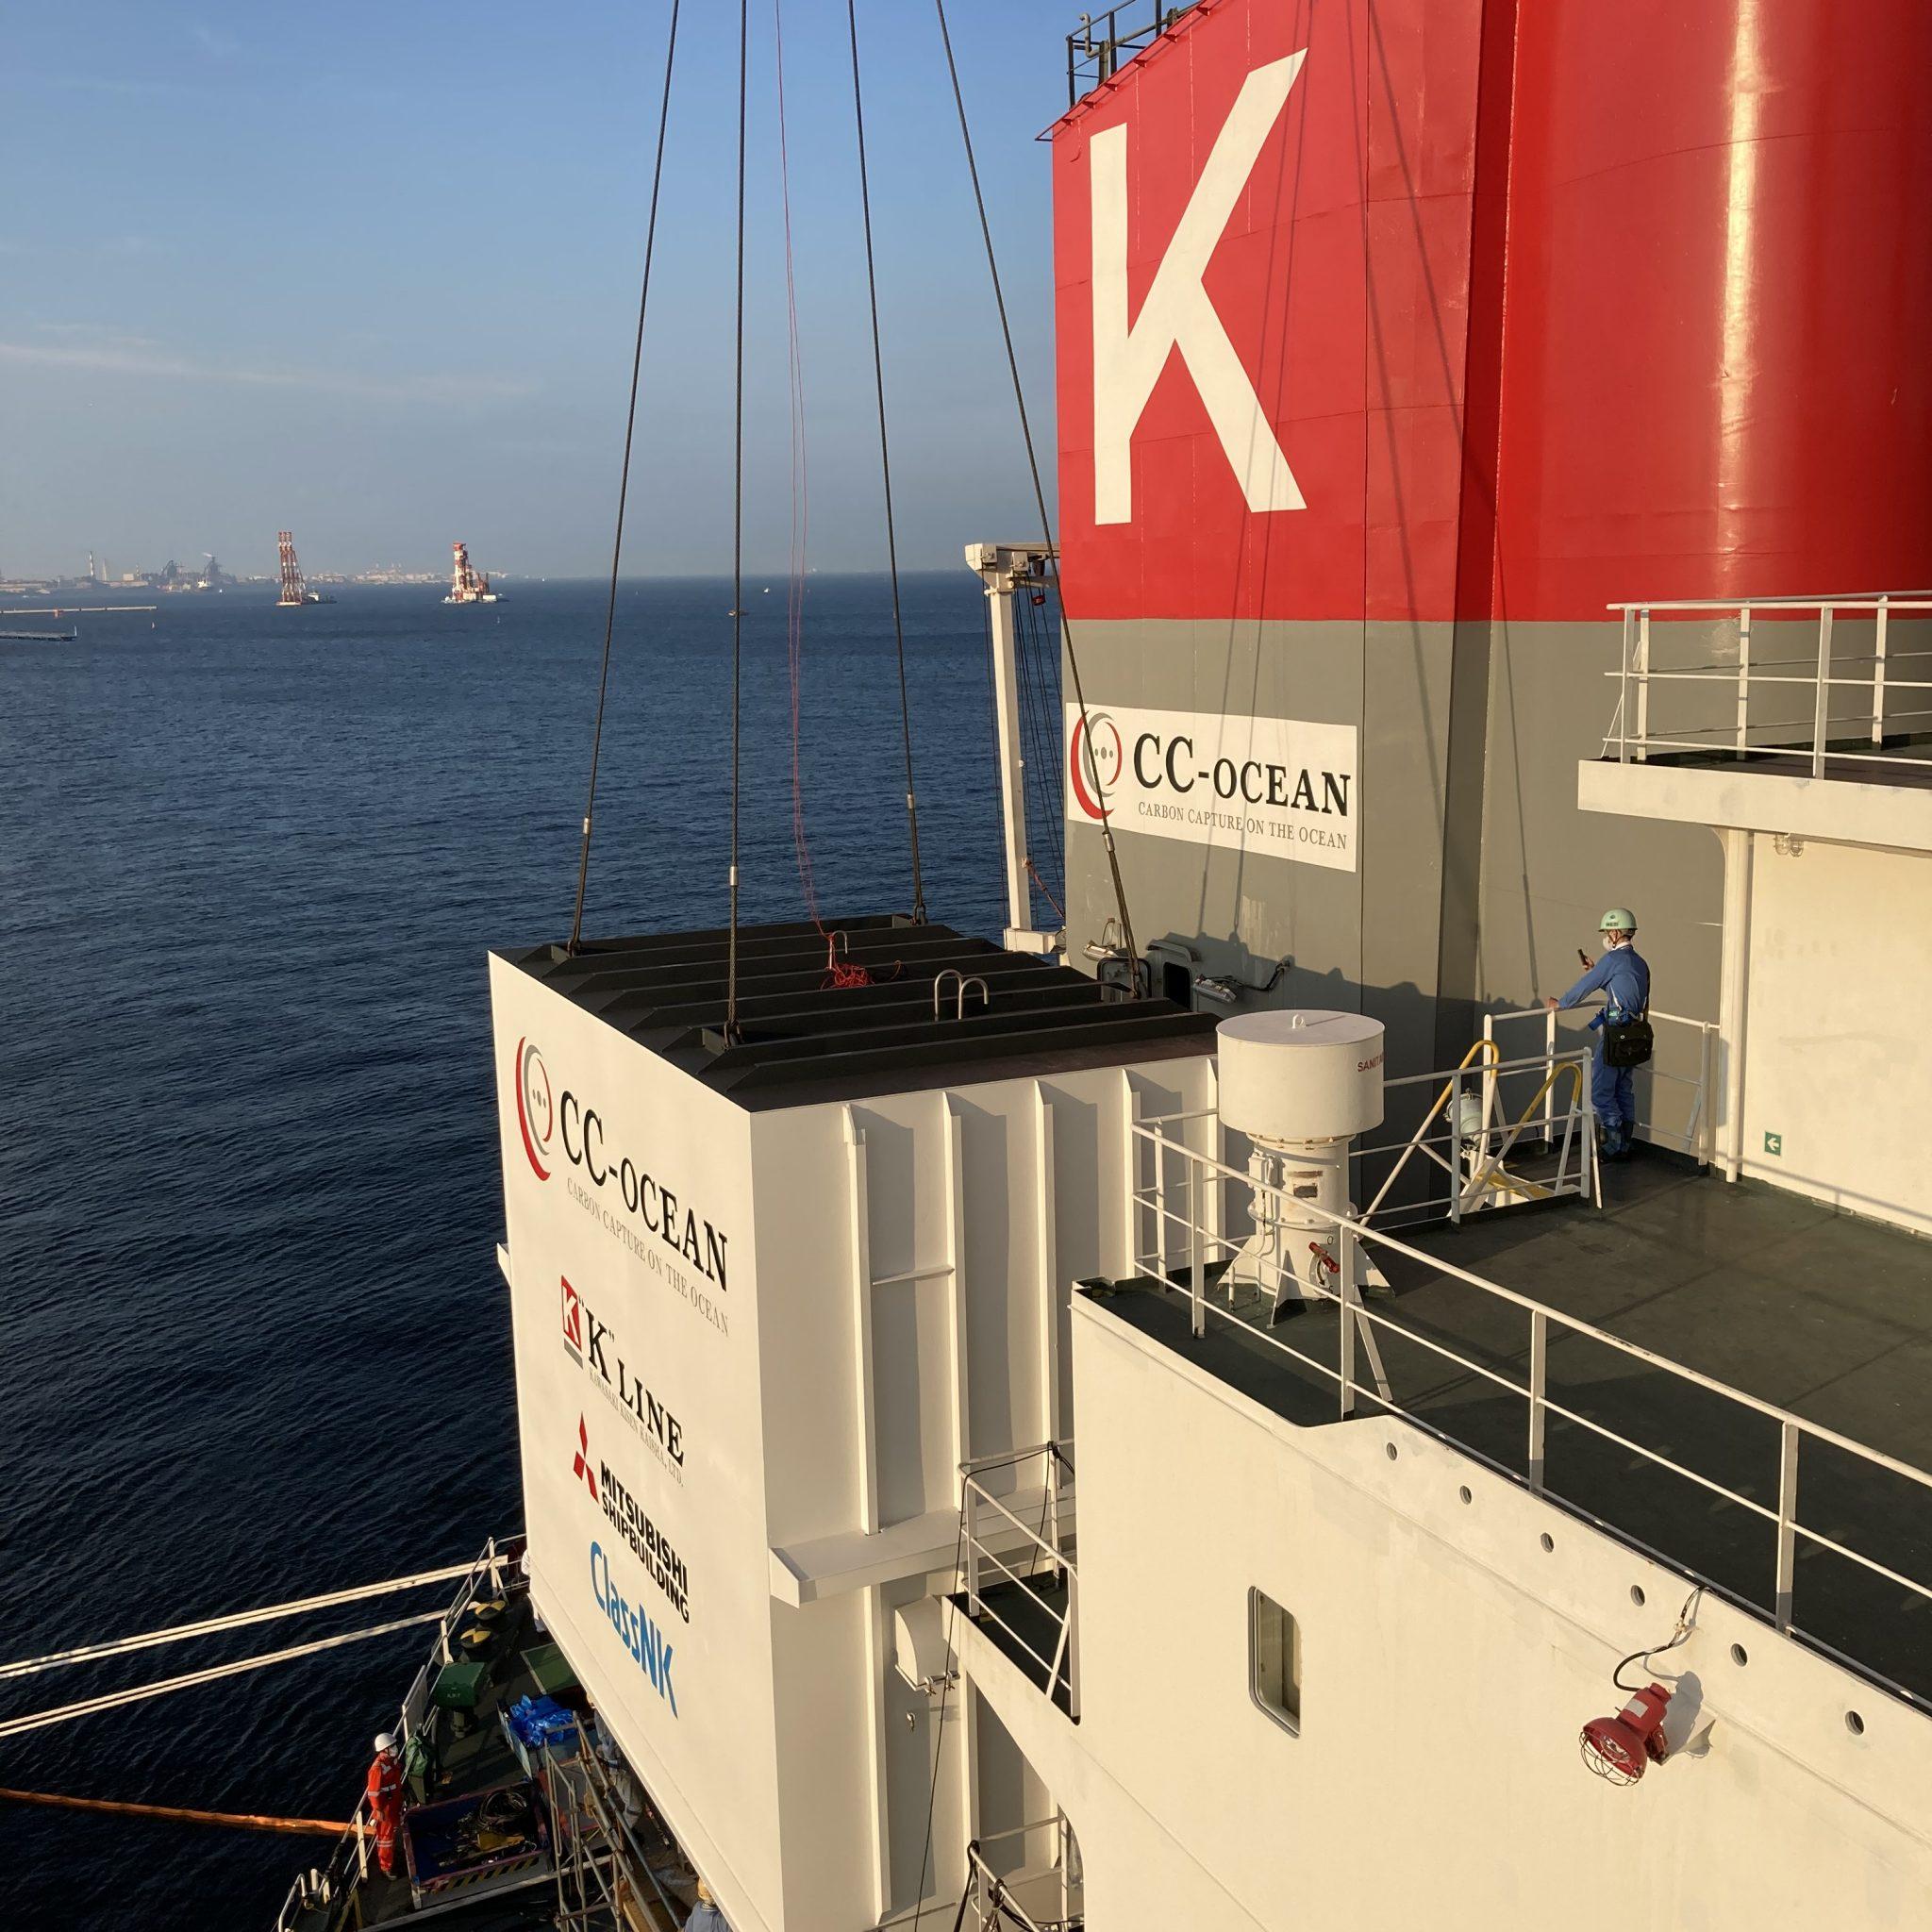 De CC-Ocean CO2 opvanginstallatie aan boord van de bulkcarrier Corona Utility. Er wordt een klein jaar mee getest. (Foto K Line)